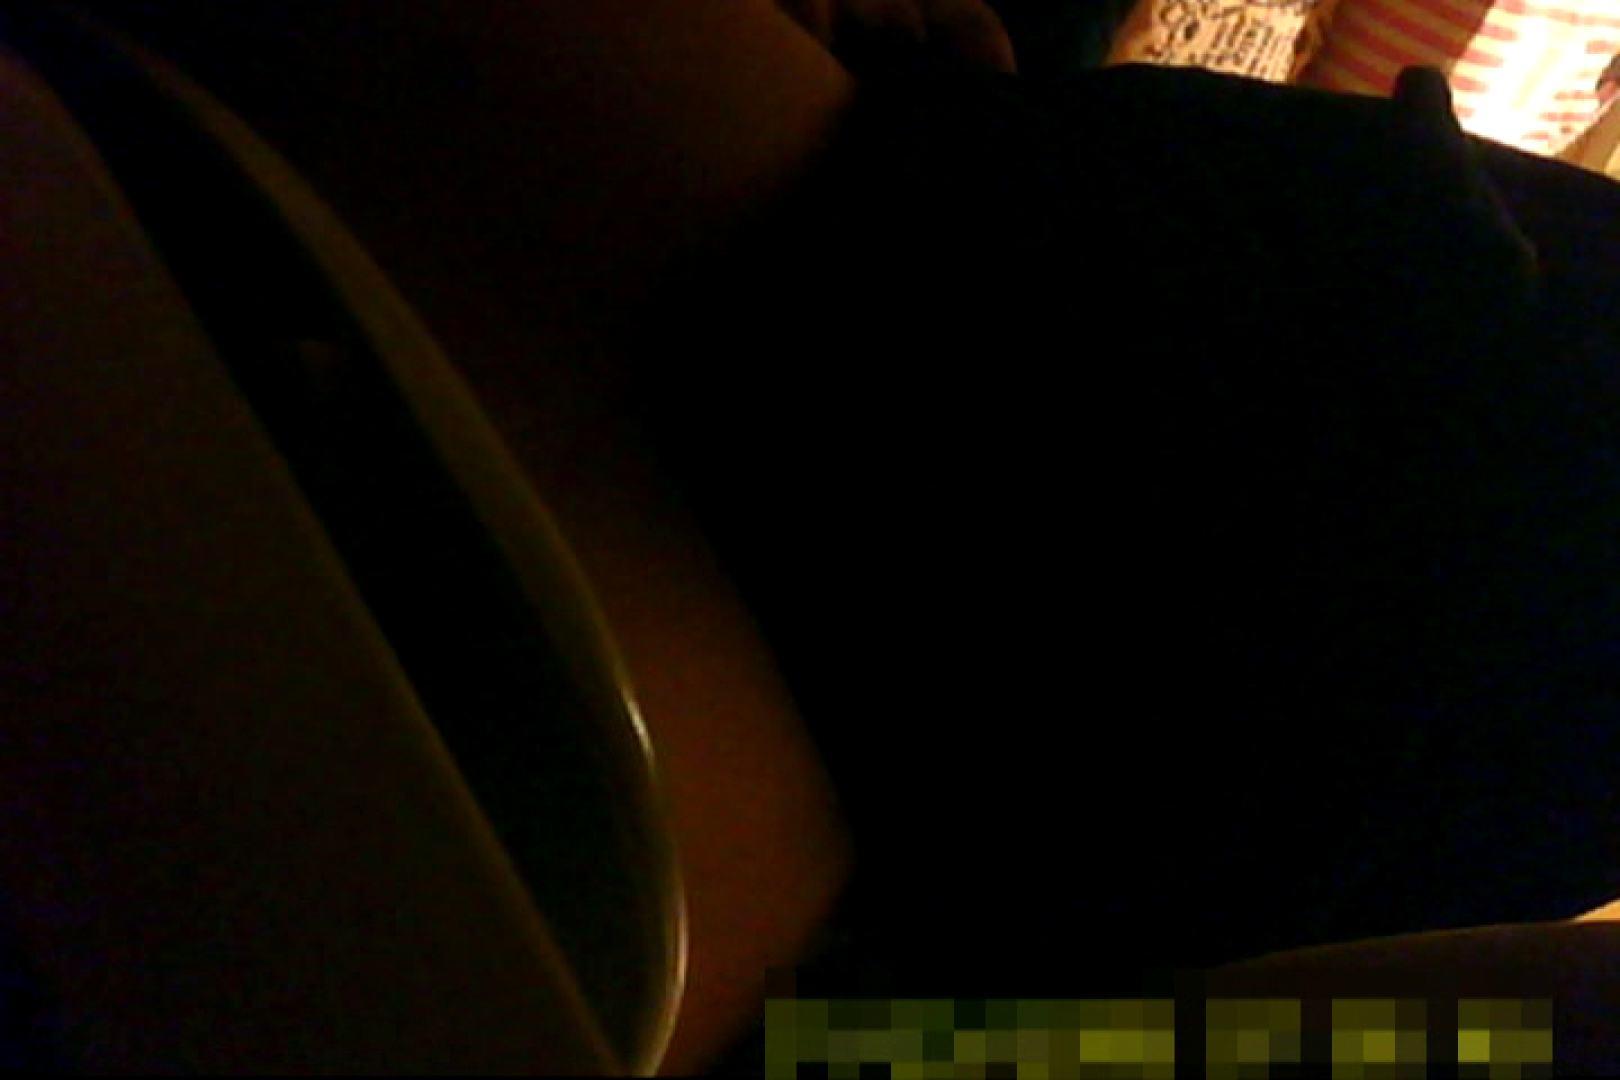 魅惑の化粧室~禁断のプライベート空間~13 プライベート  71pic 45